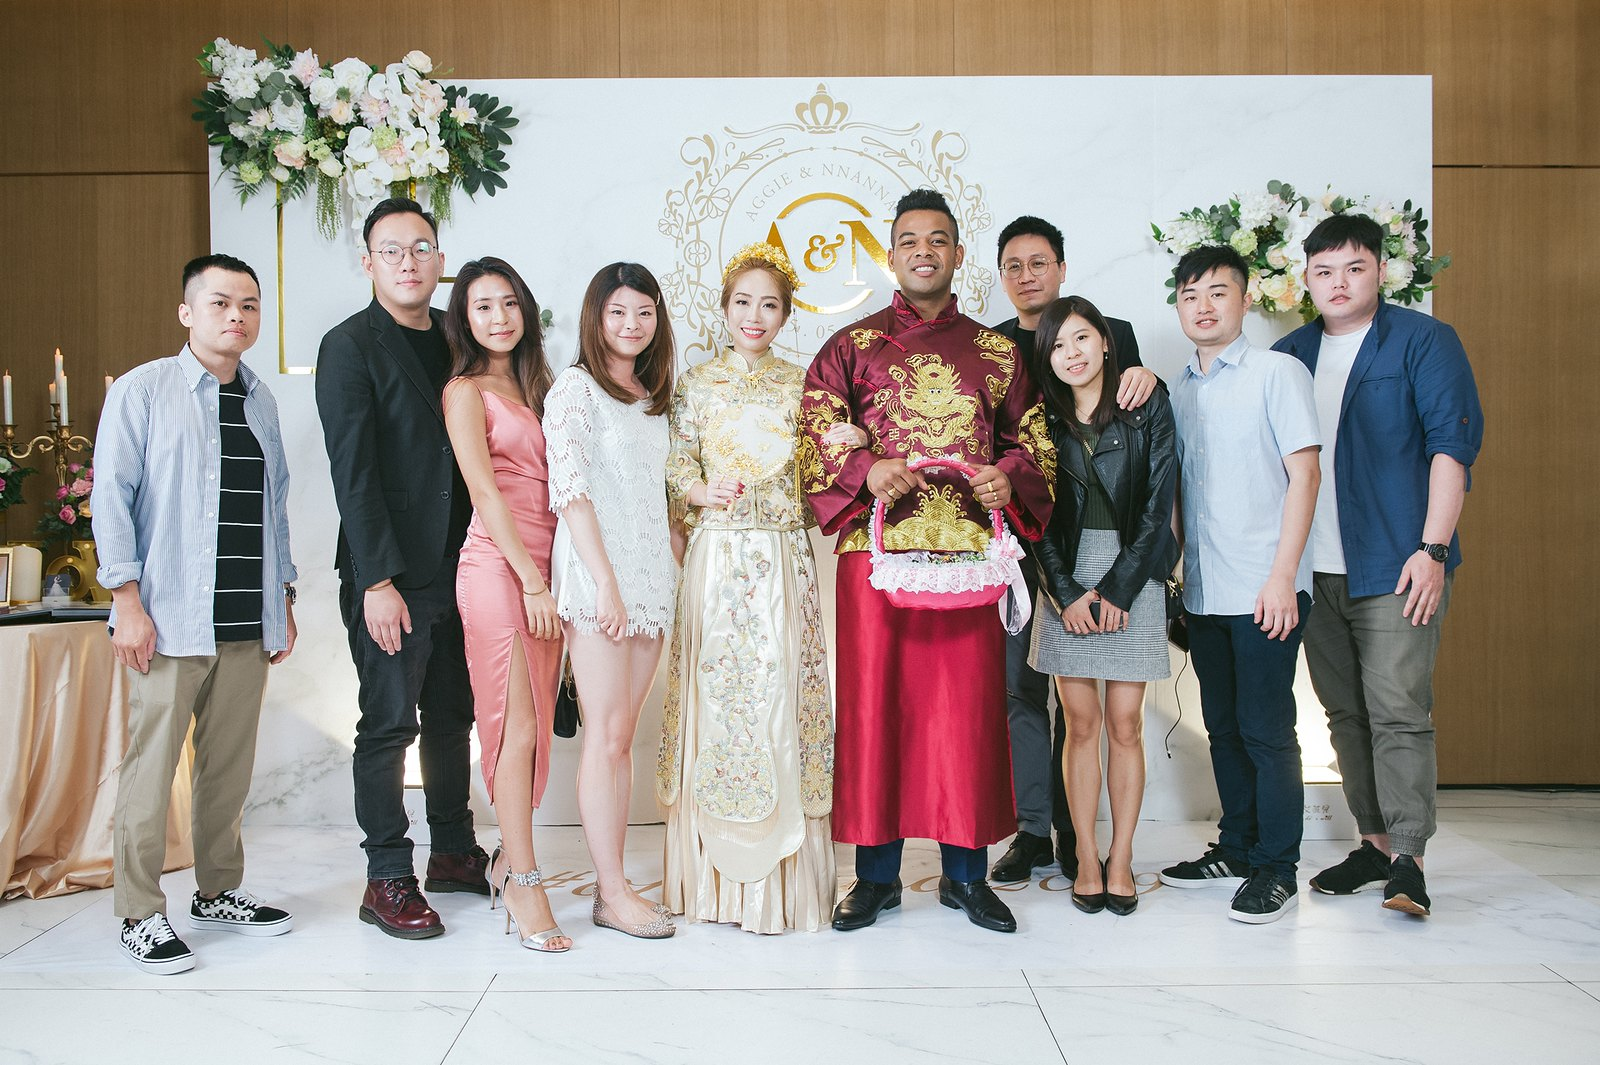 【婚攝】Aggie & Nnanna / 台北凱達大飯店 / 長老教會艋舺教會